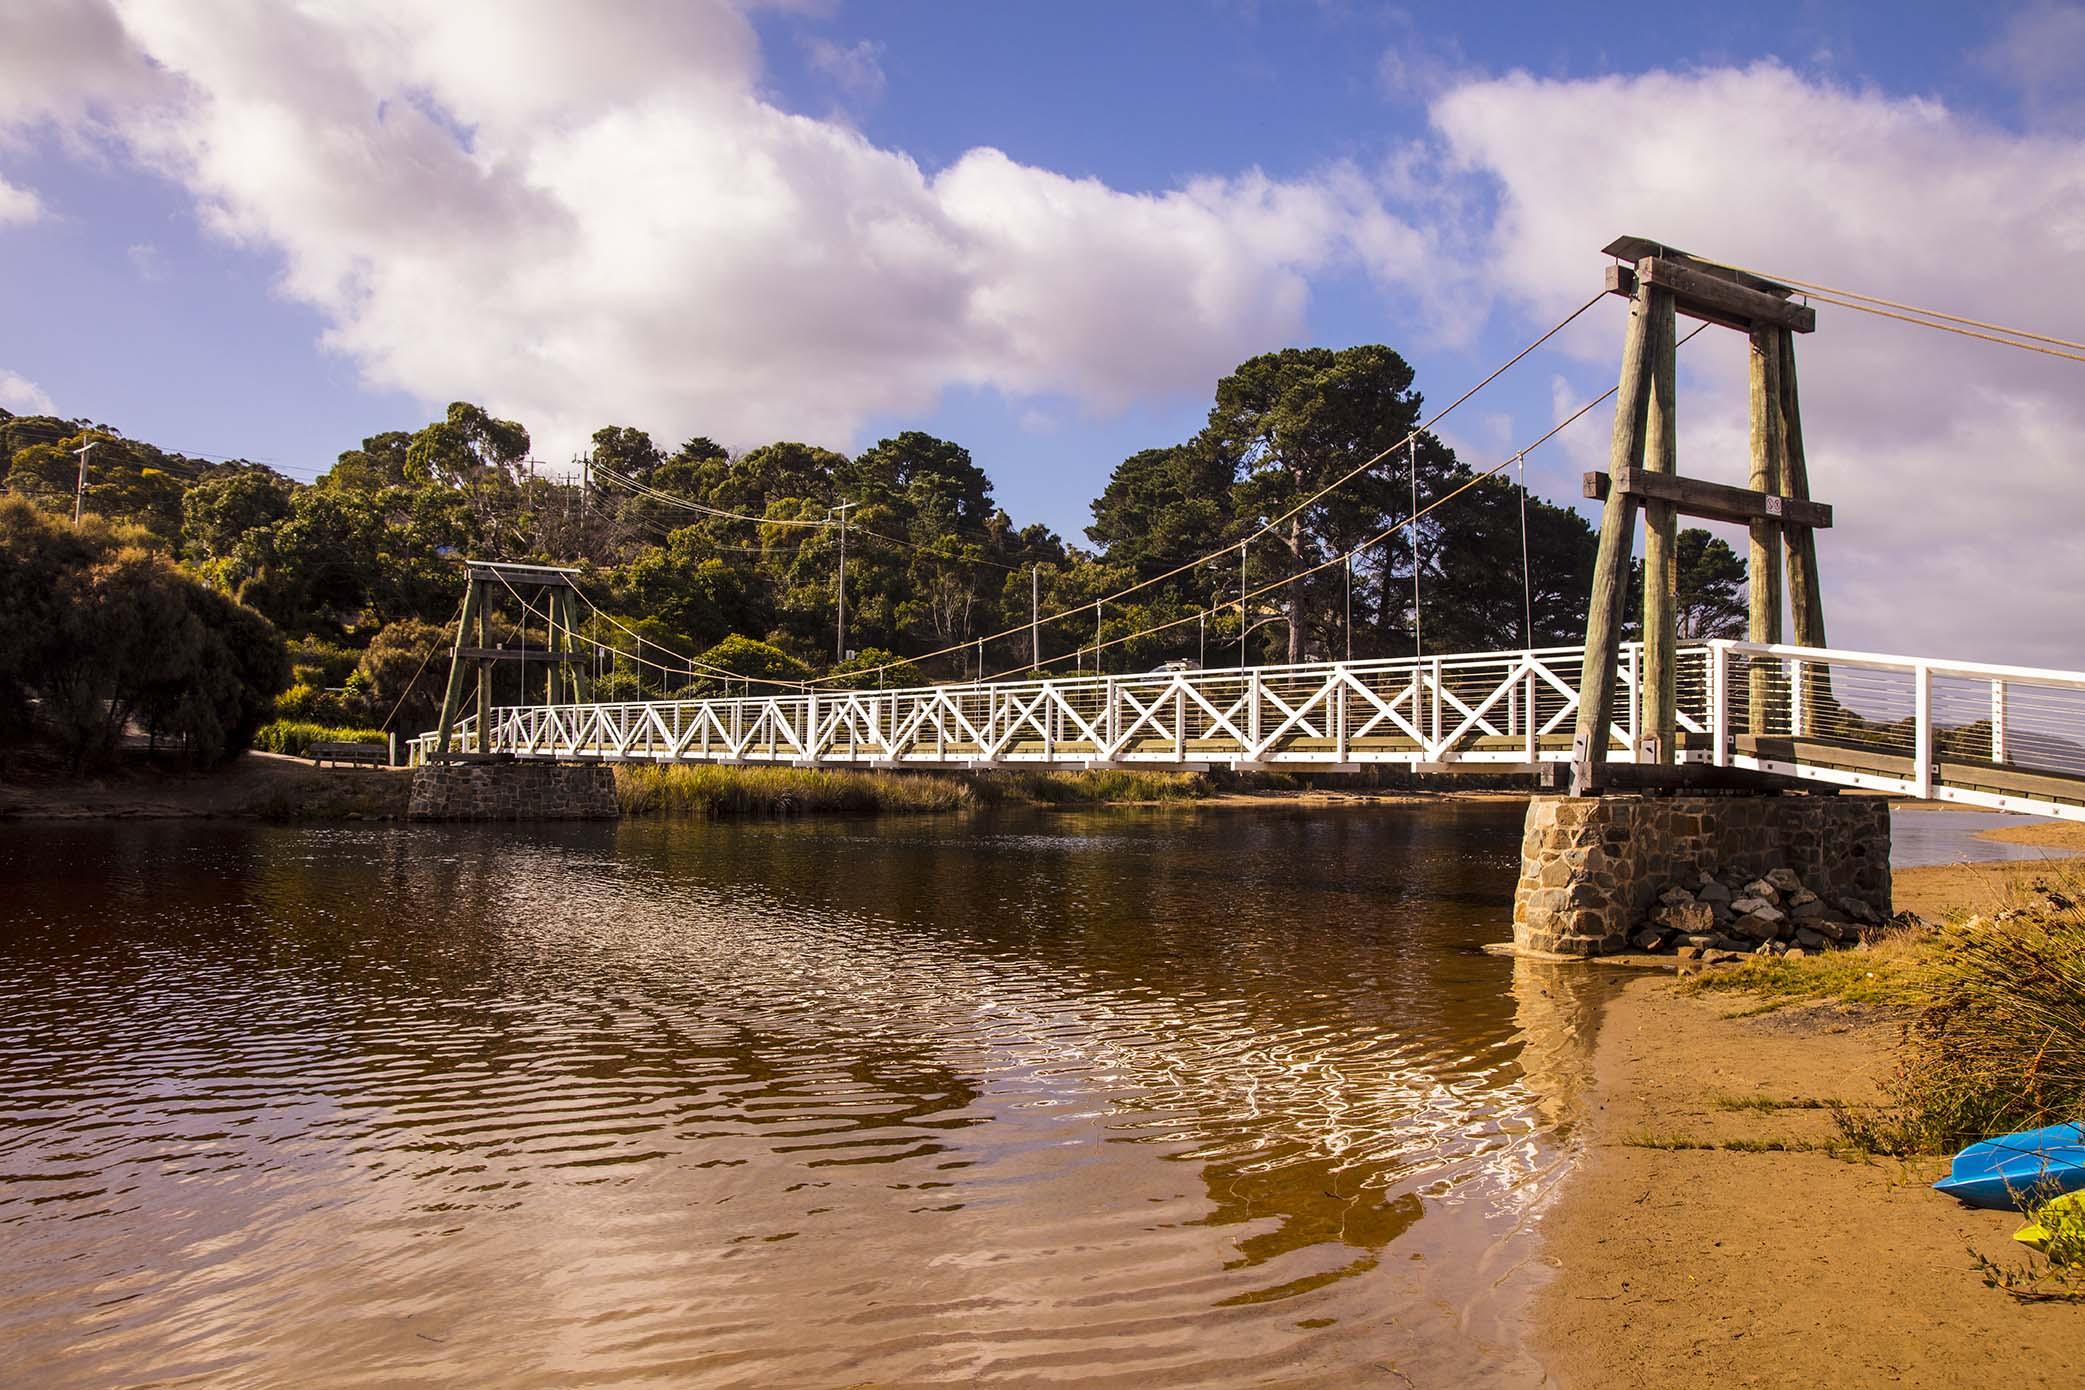 Bridge Over Muddied Water